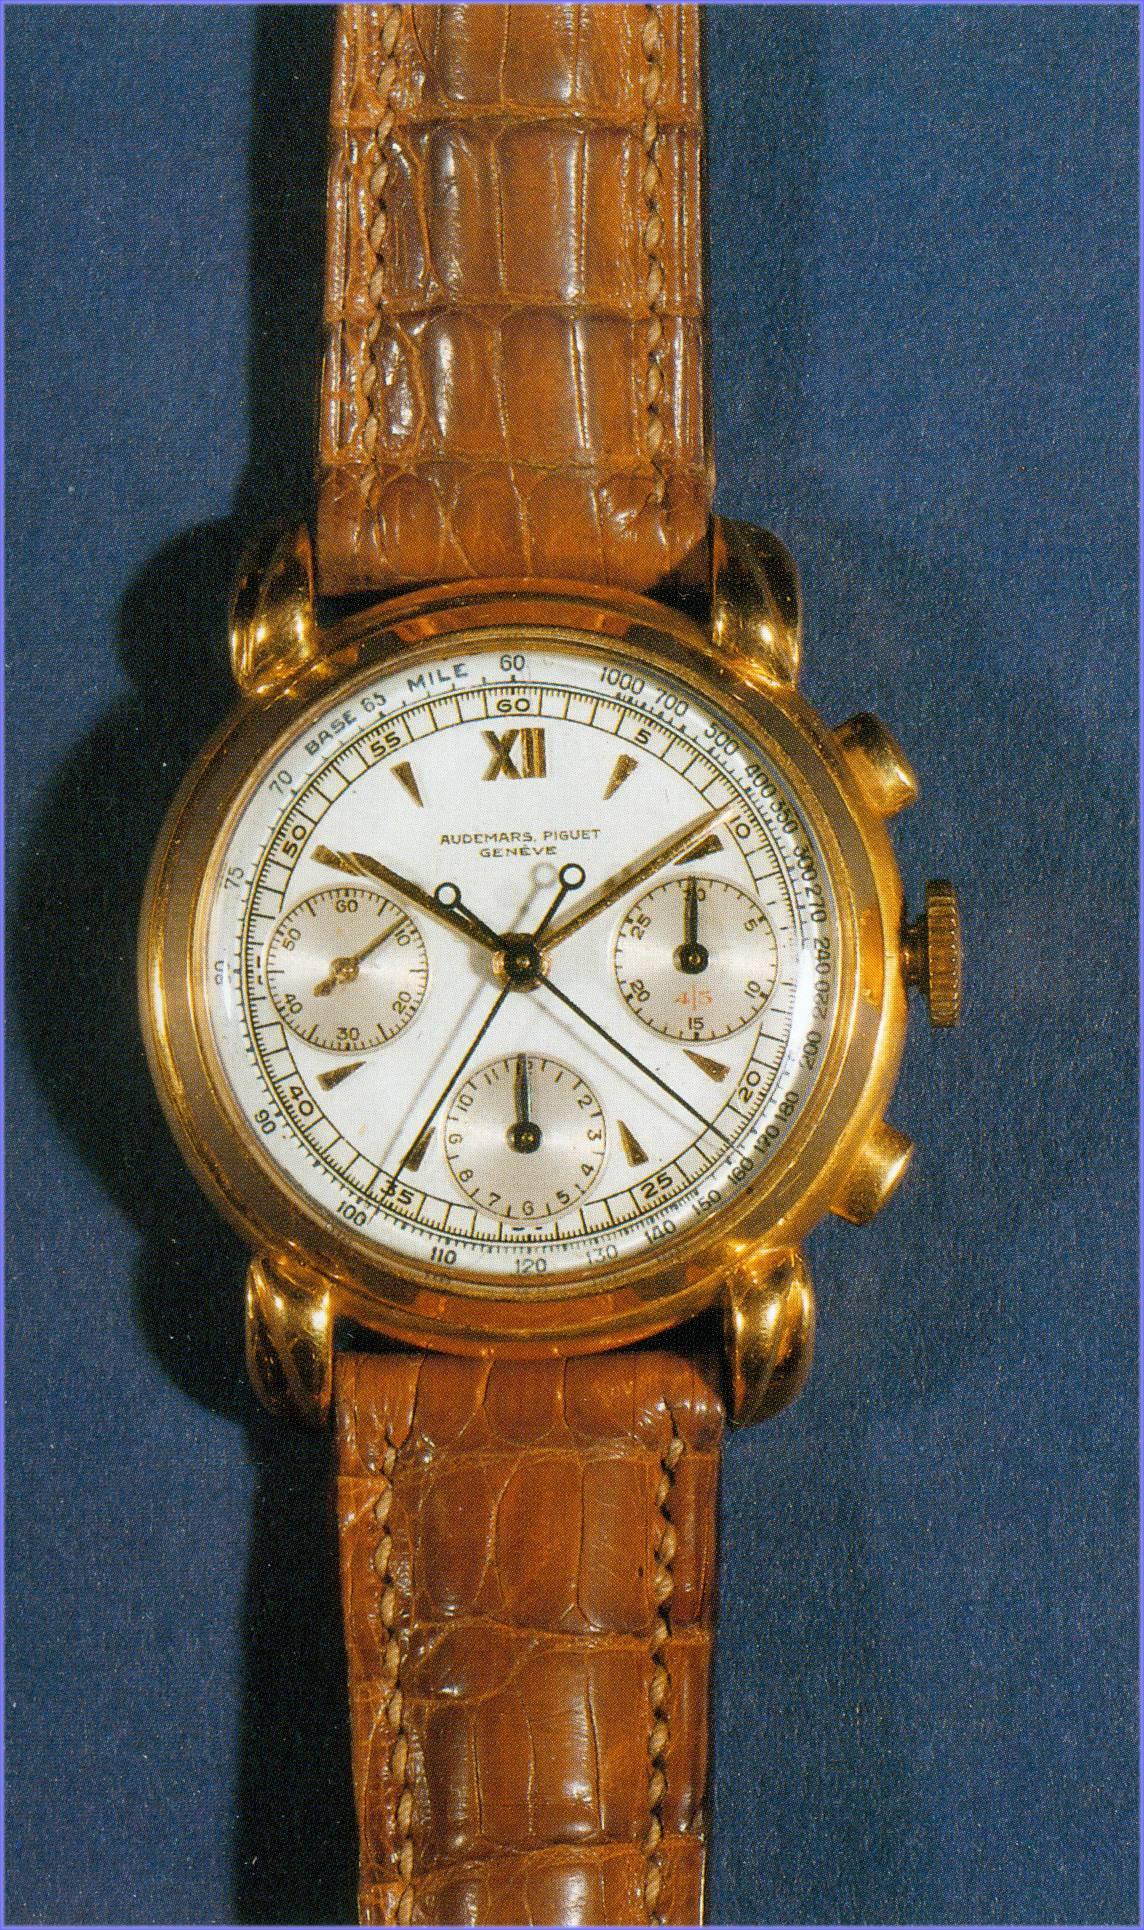 Der Audemars Piguet Chronograph-Rattrapante ist ein Unikat